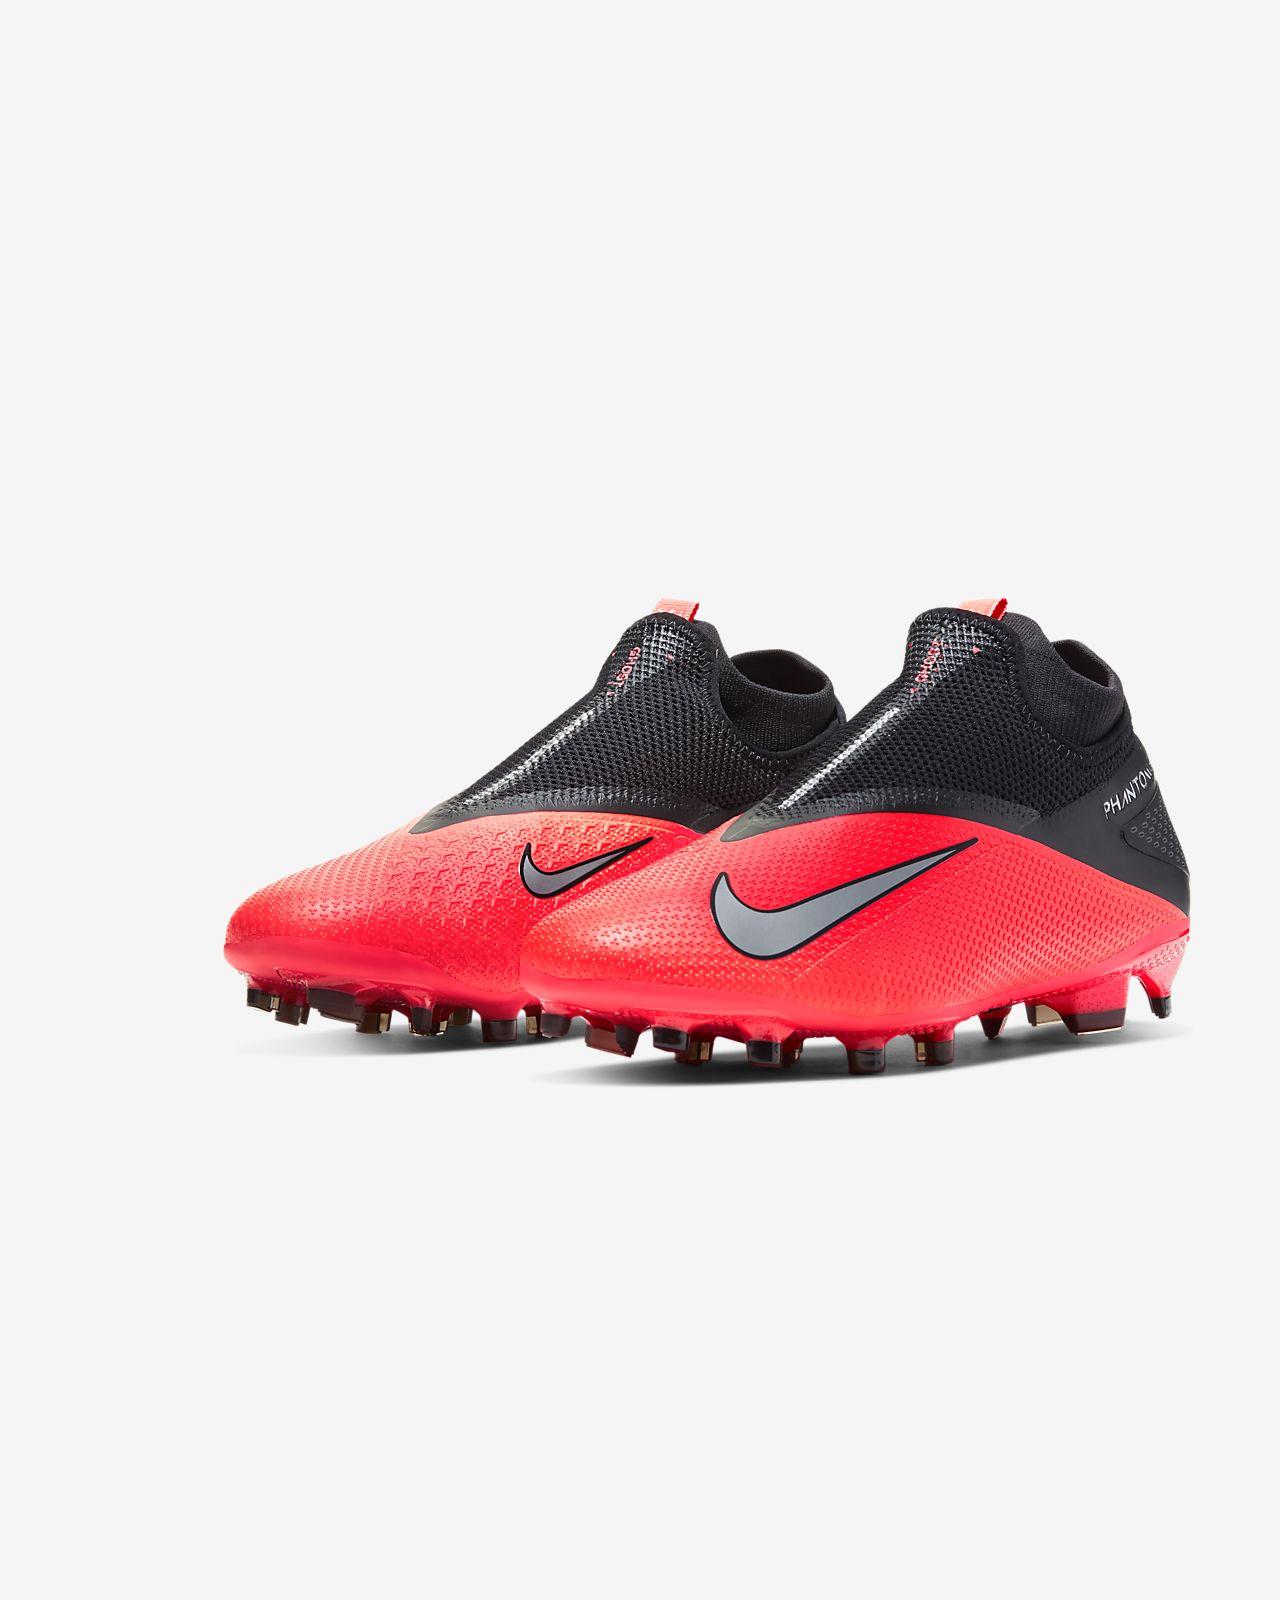 Nike Phantom Vision II Pro DF FG Football Boots